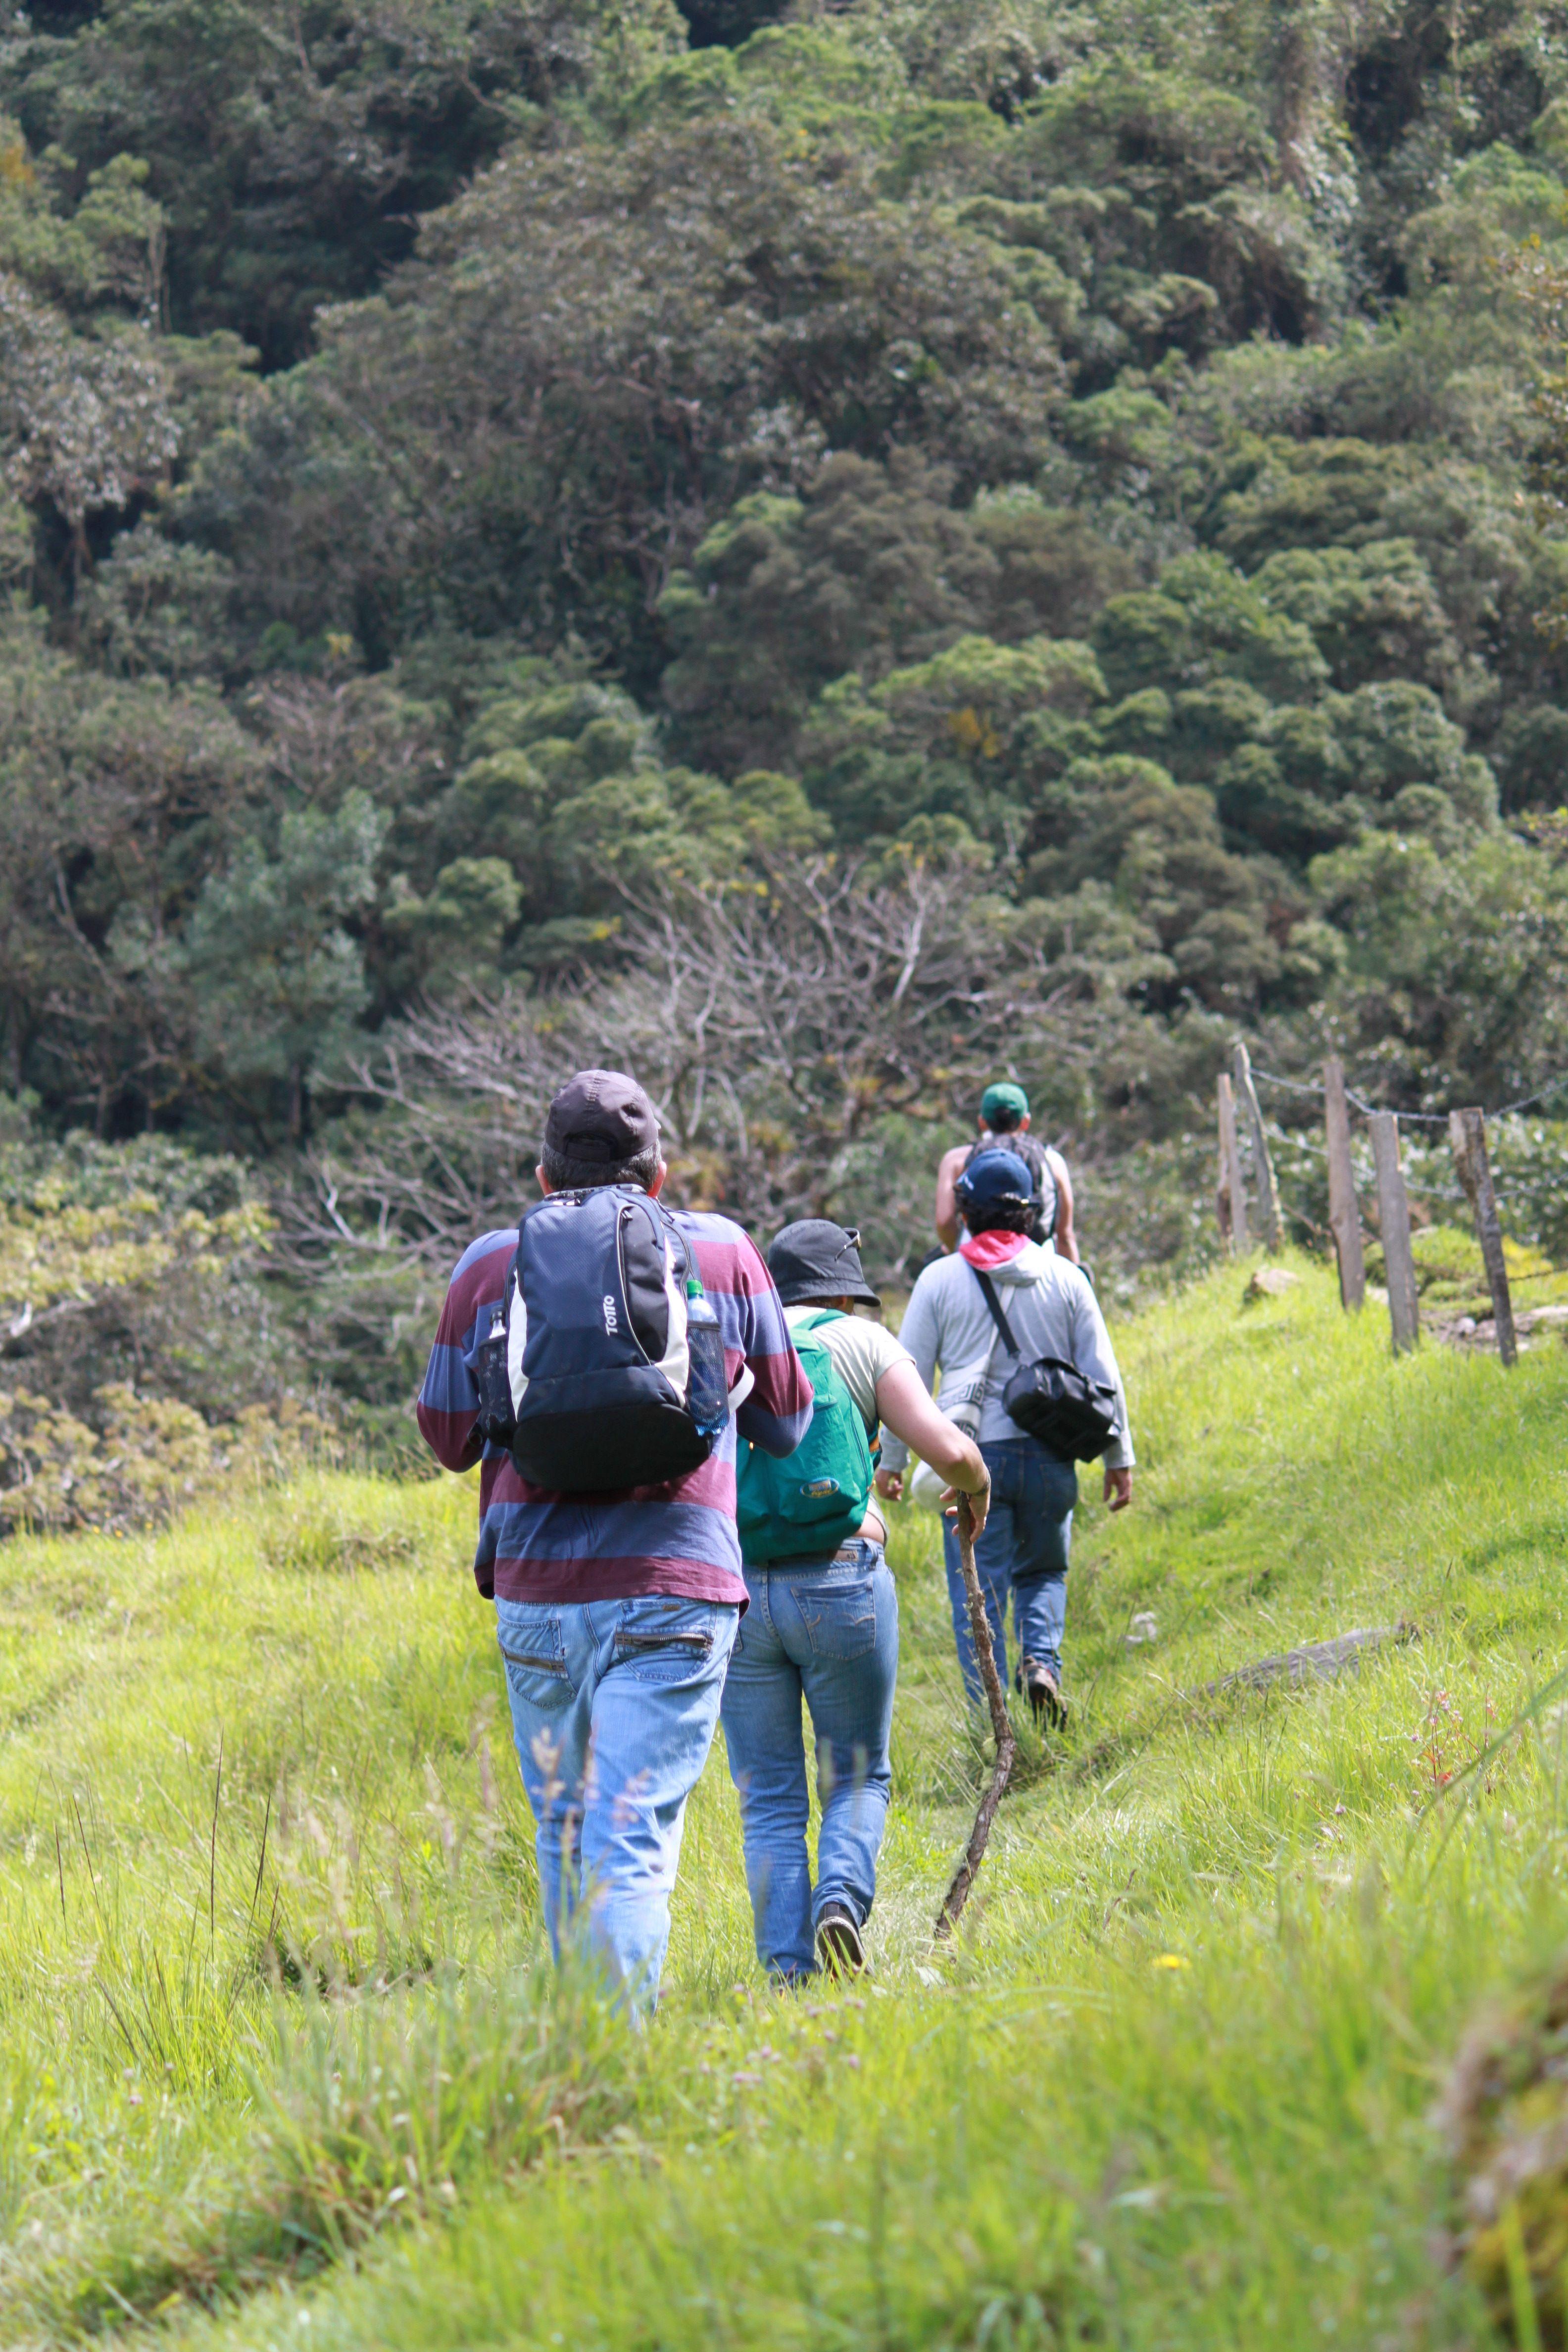 El camino comienza saliendo desde Cocora, atravesando potreros por un camino de herradura hasta donde se inicia el bosque.